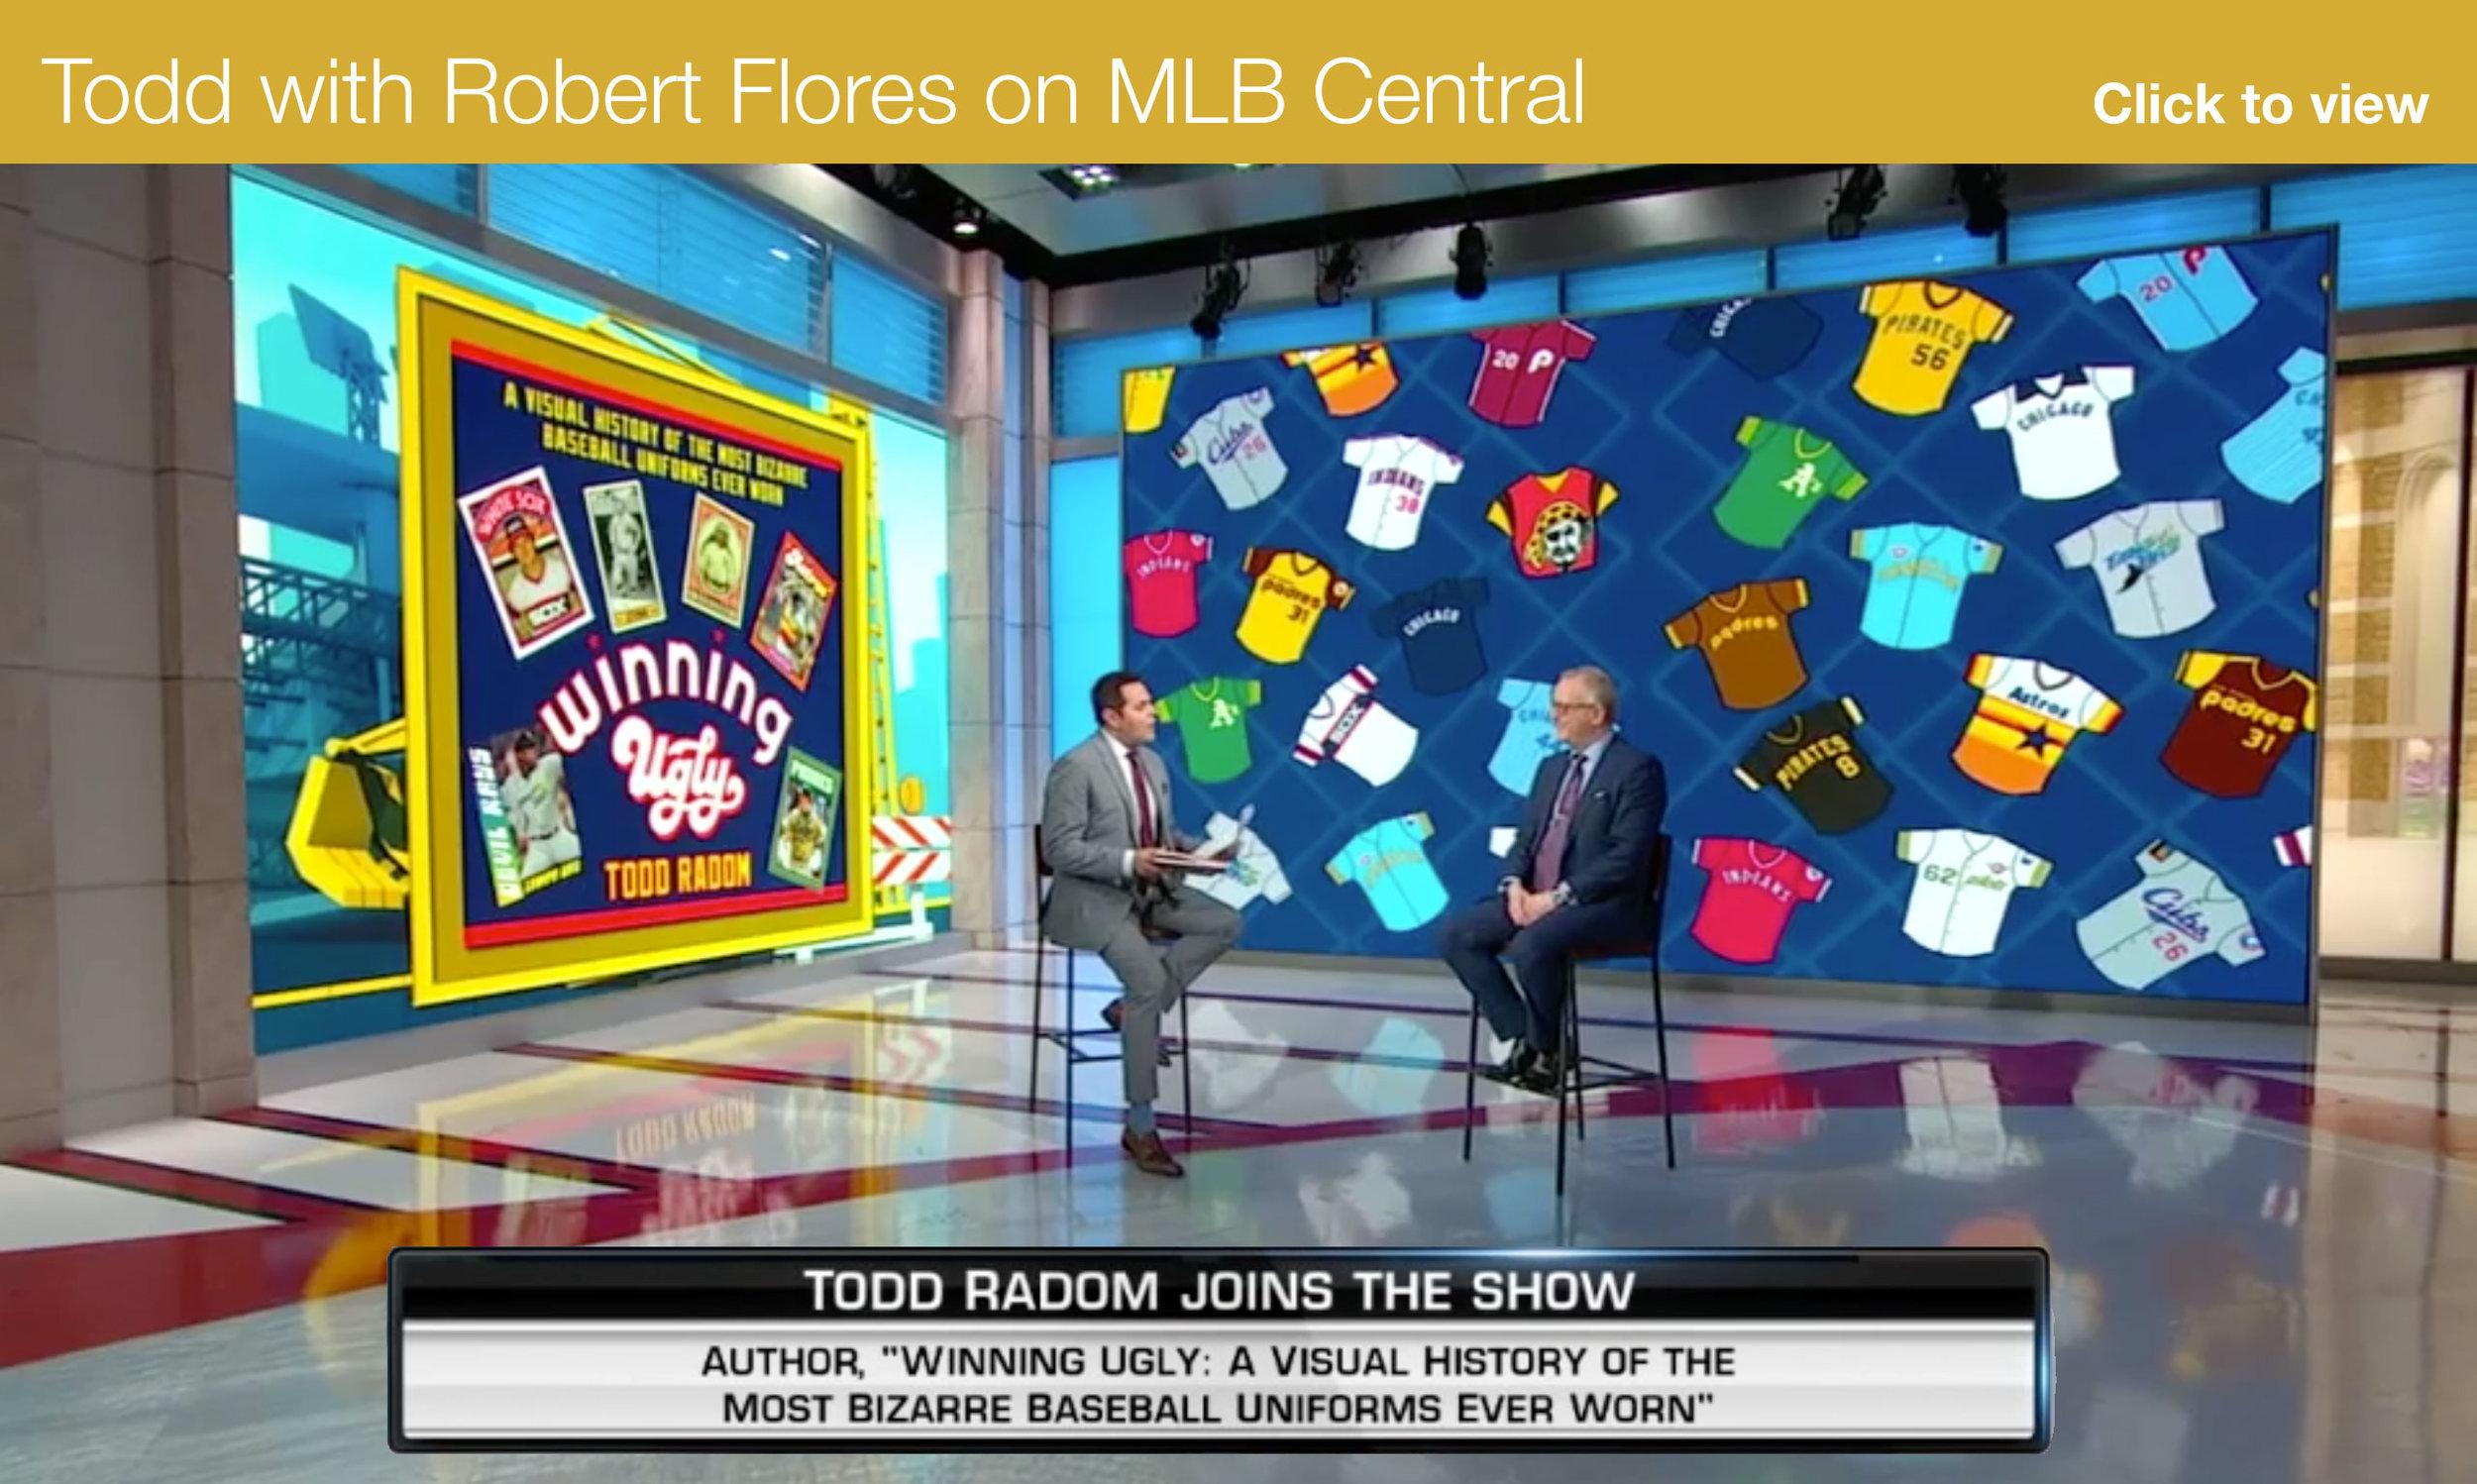 Todd-Radom-MLB-Central.jpg